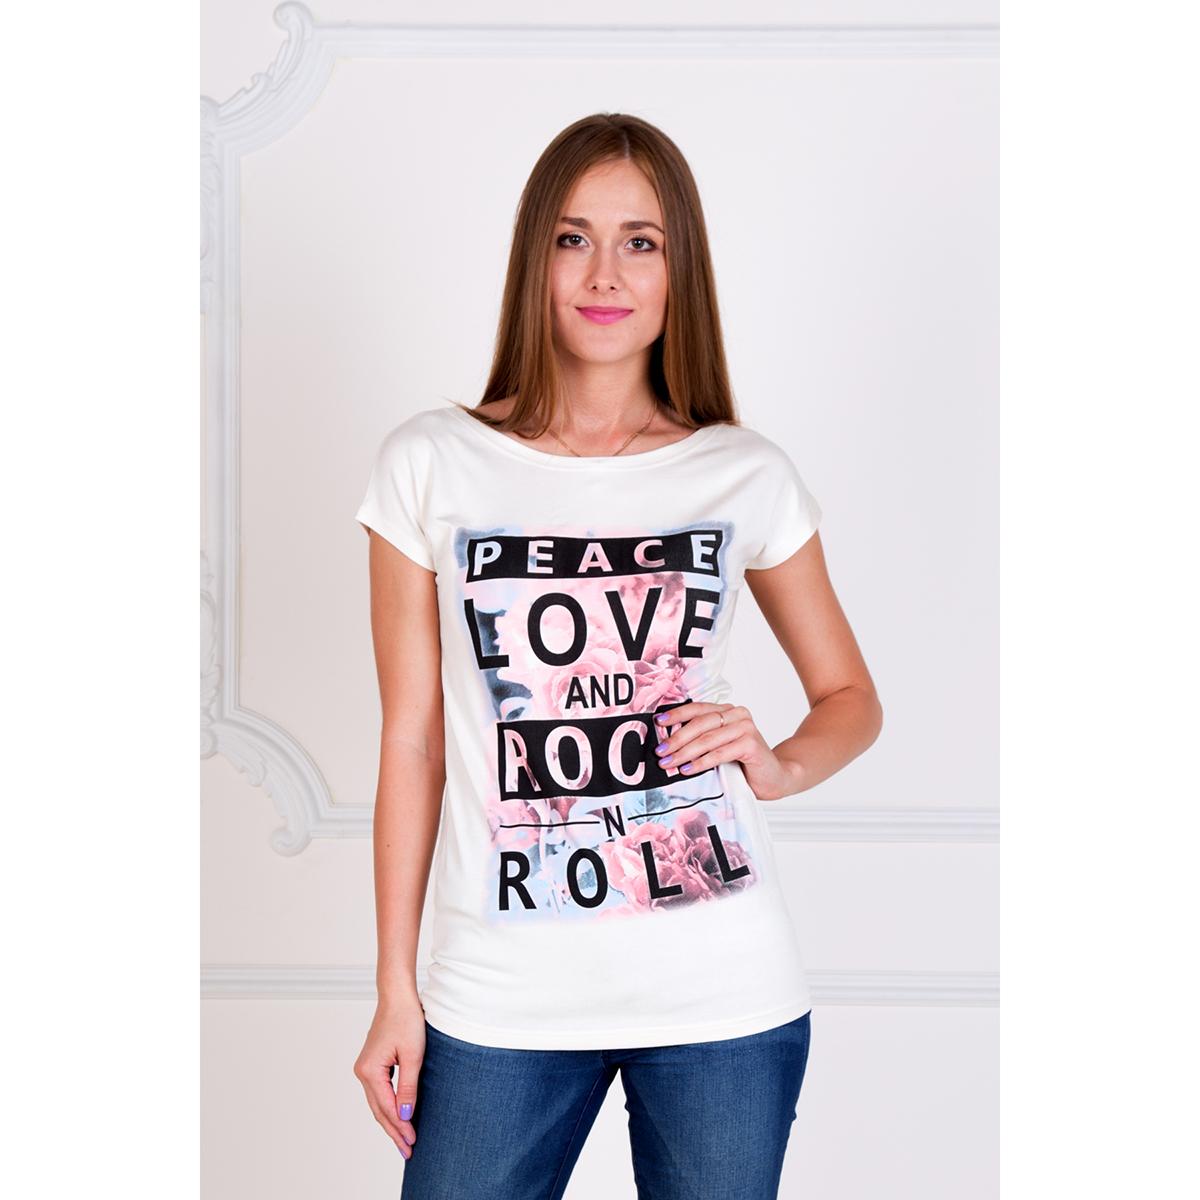 Женская туника Рок-н-ролл, размер 54Платья, туники<br>Обхват груди:108 см<br>Обхват талии:88 см<br>Обхват бедер:116 см<br>Рост:167 см<br><br>Тип: Жен. туника<br>Размер: 54<br>Материал: Вискоза